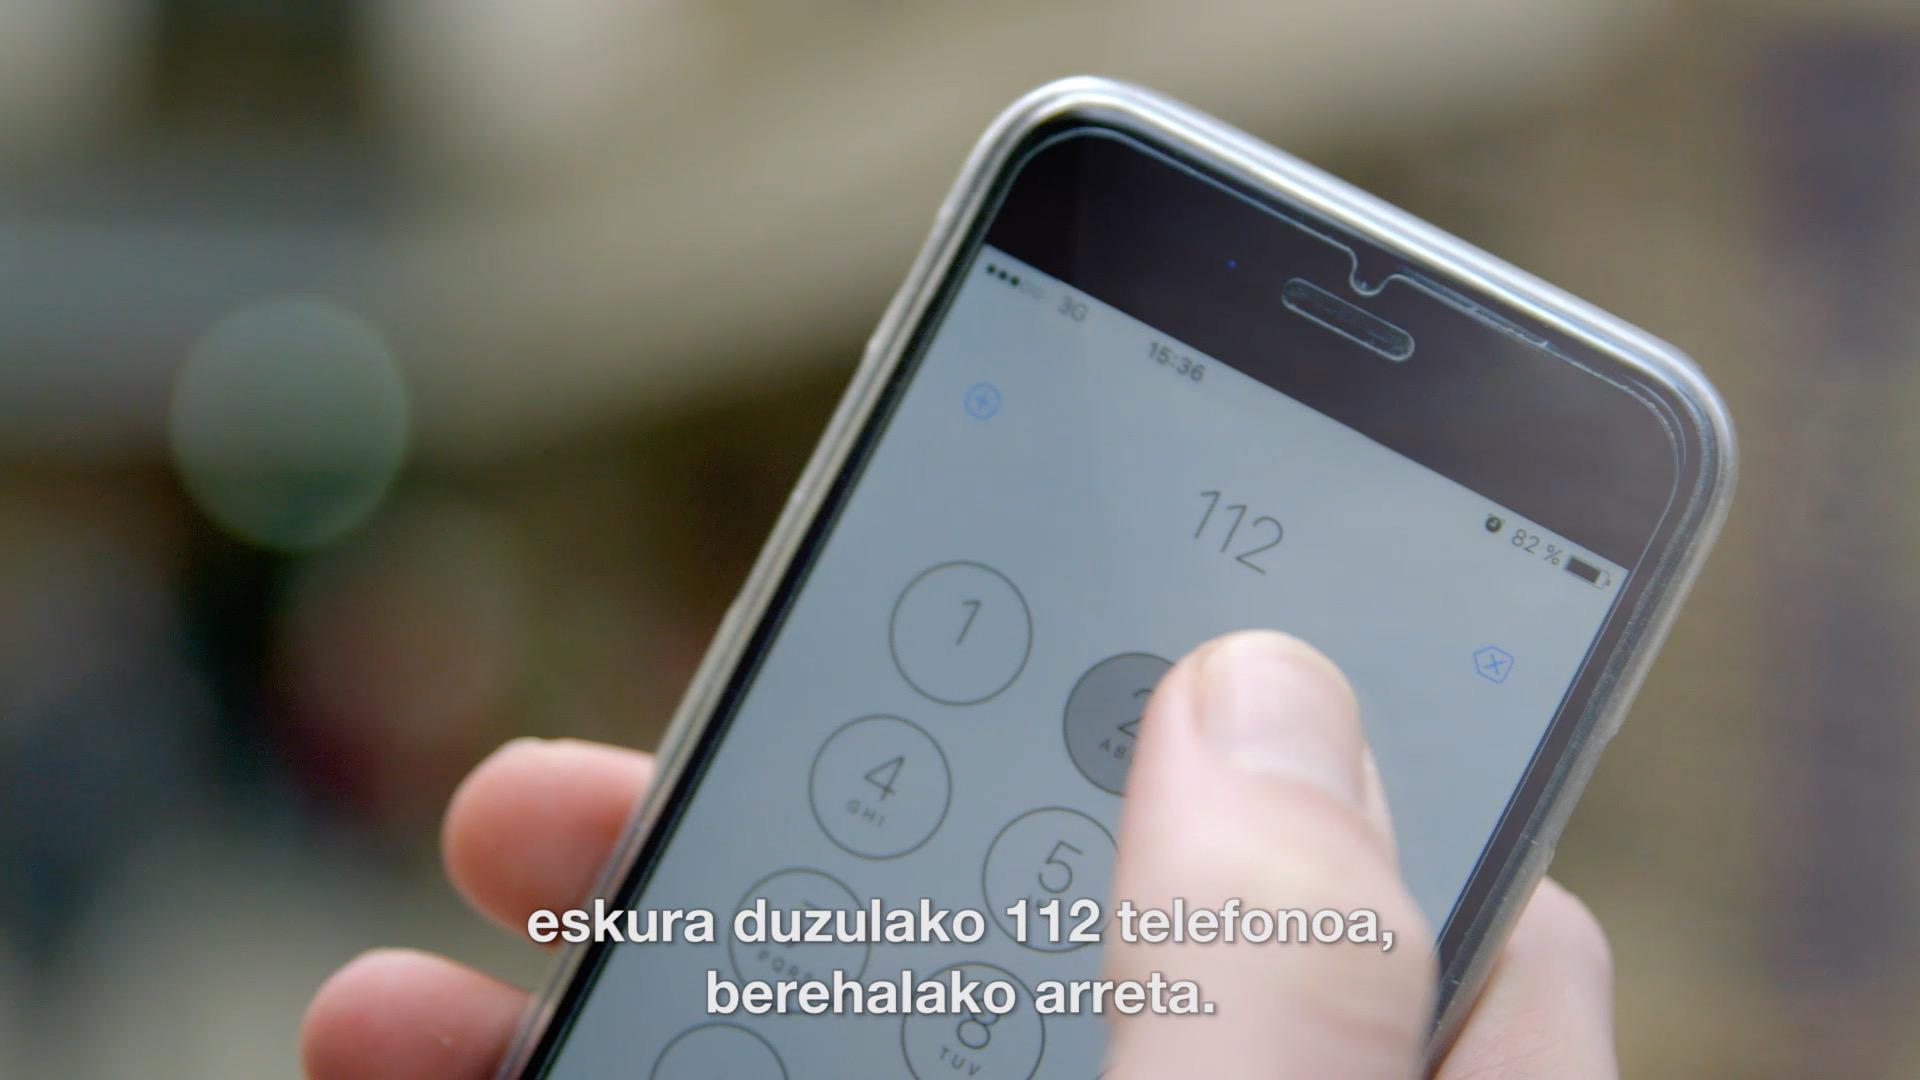 112 telefonoaren 2015eko datuen aurkezpena eta Euskadiko Gurutze Gorriko presidente Iñaki Irusta Bilbaori omenaldia.